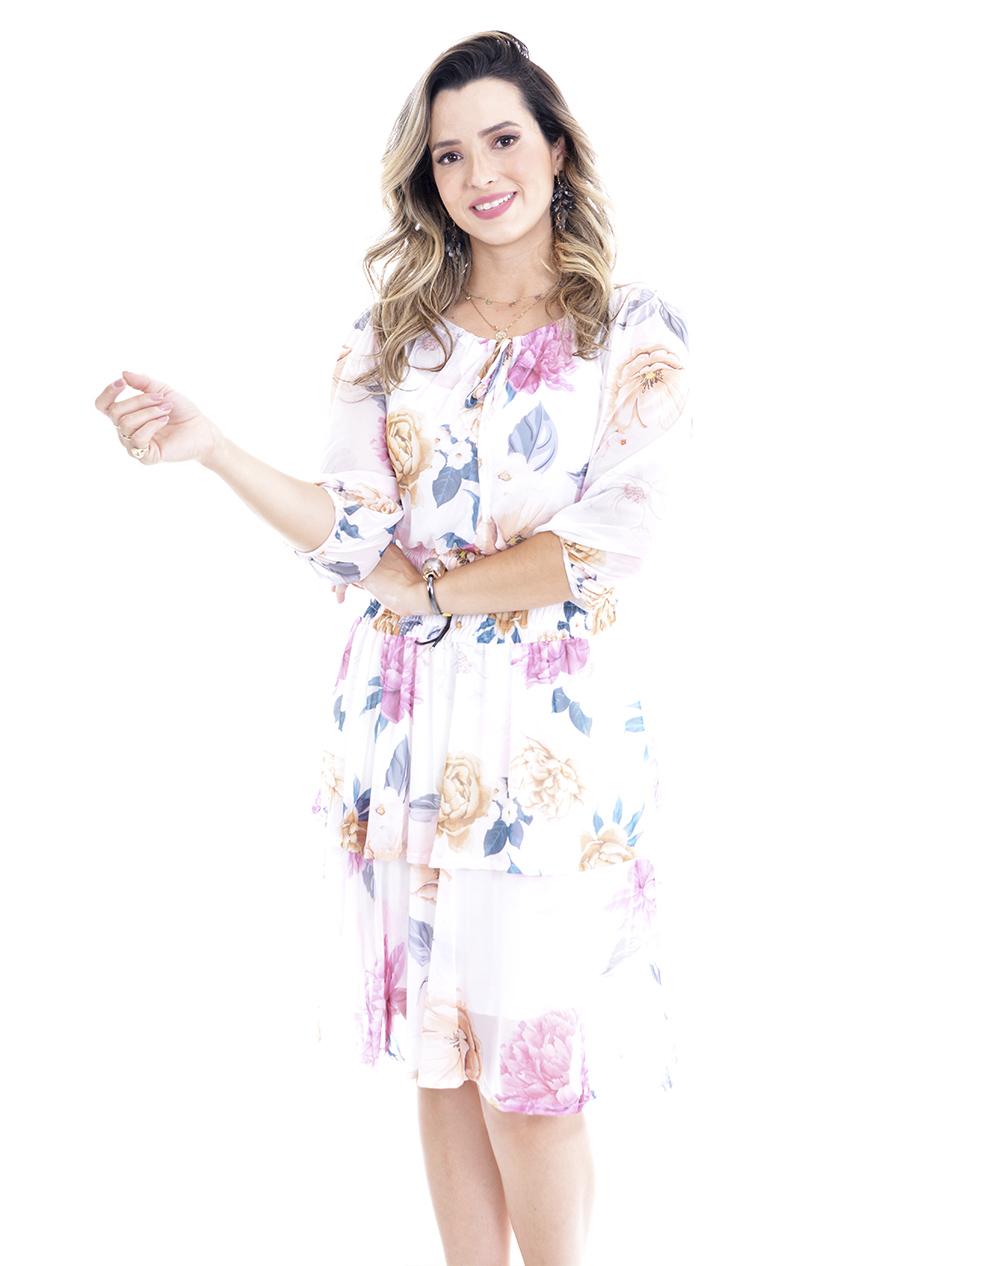 vestido em tule floral, modelagem levemente solta